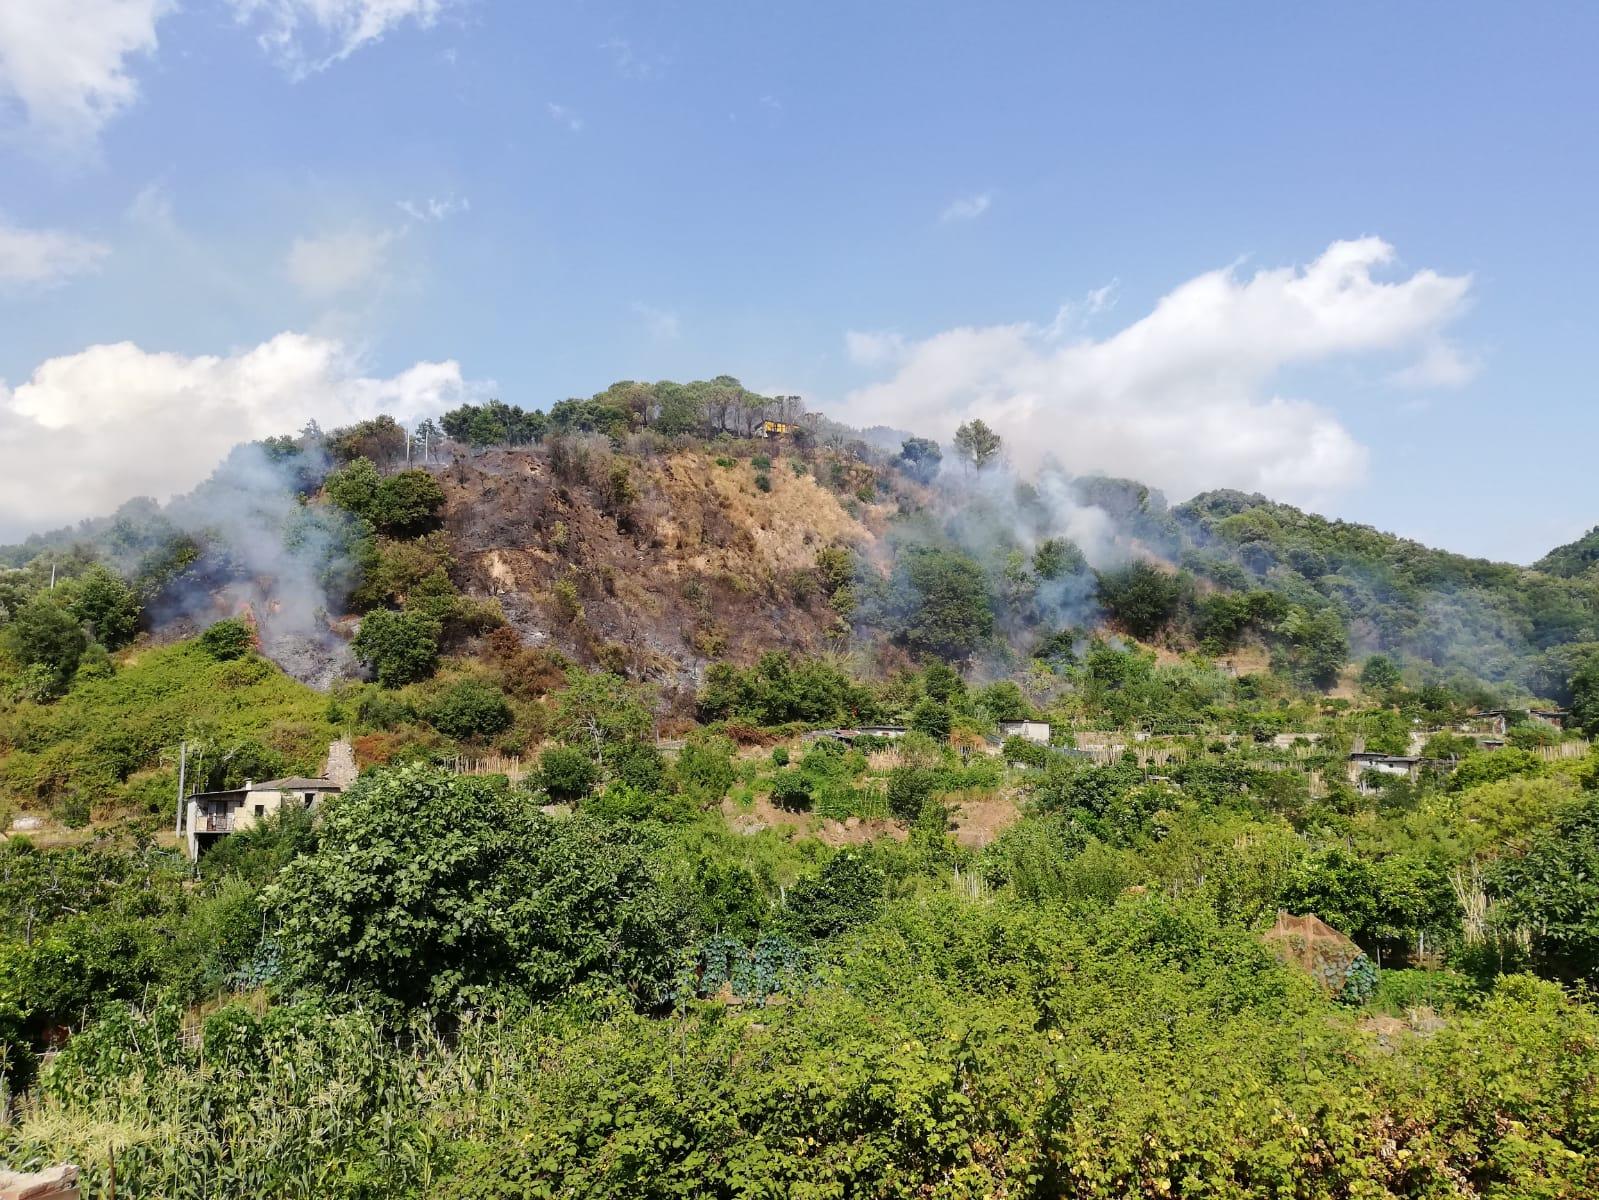 Vasto incendio divampa alle porte di Acquaro nel Vibonese  Sul posto i vigili del fuoco intervenuti dopo alcune ore